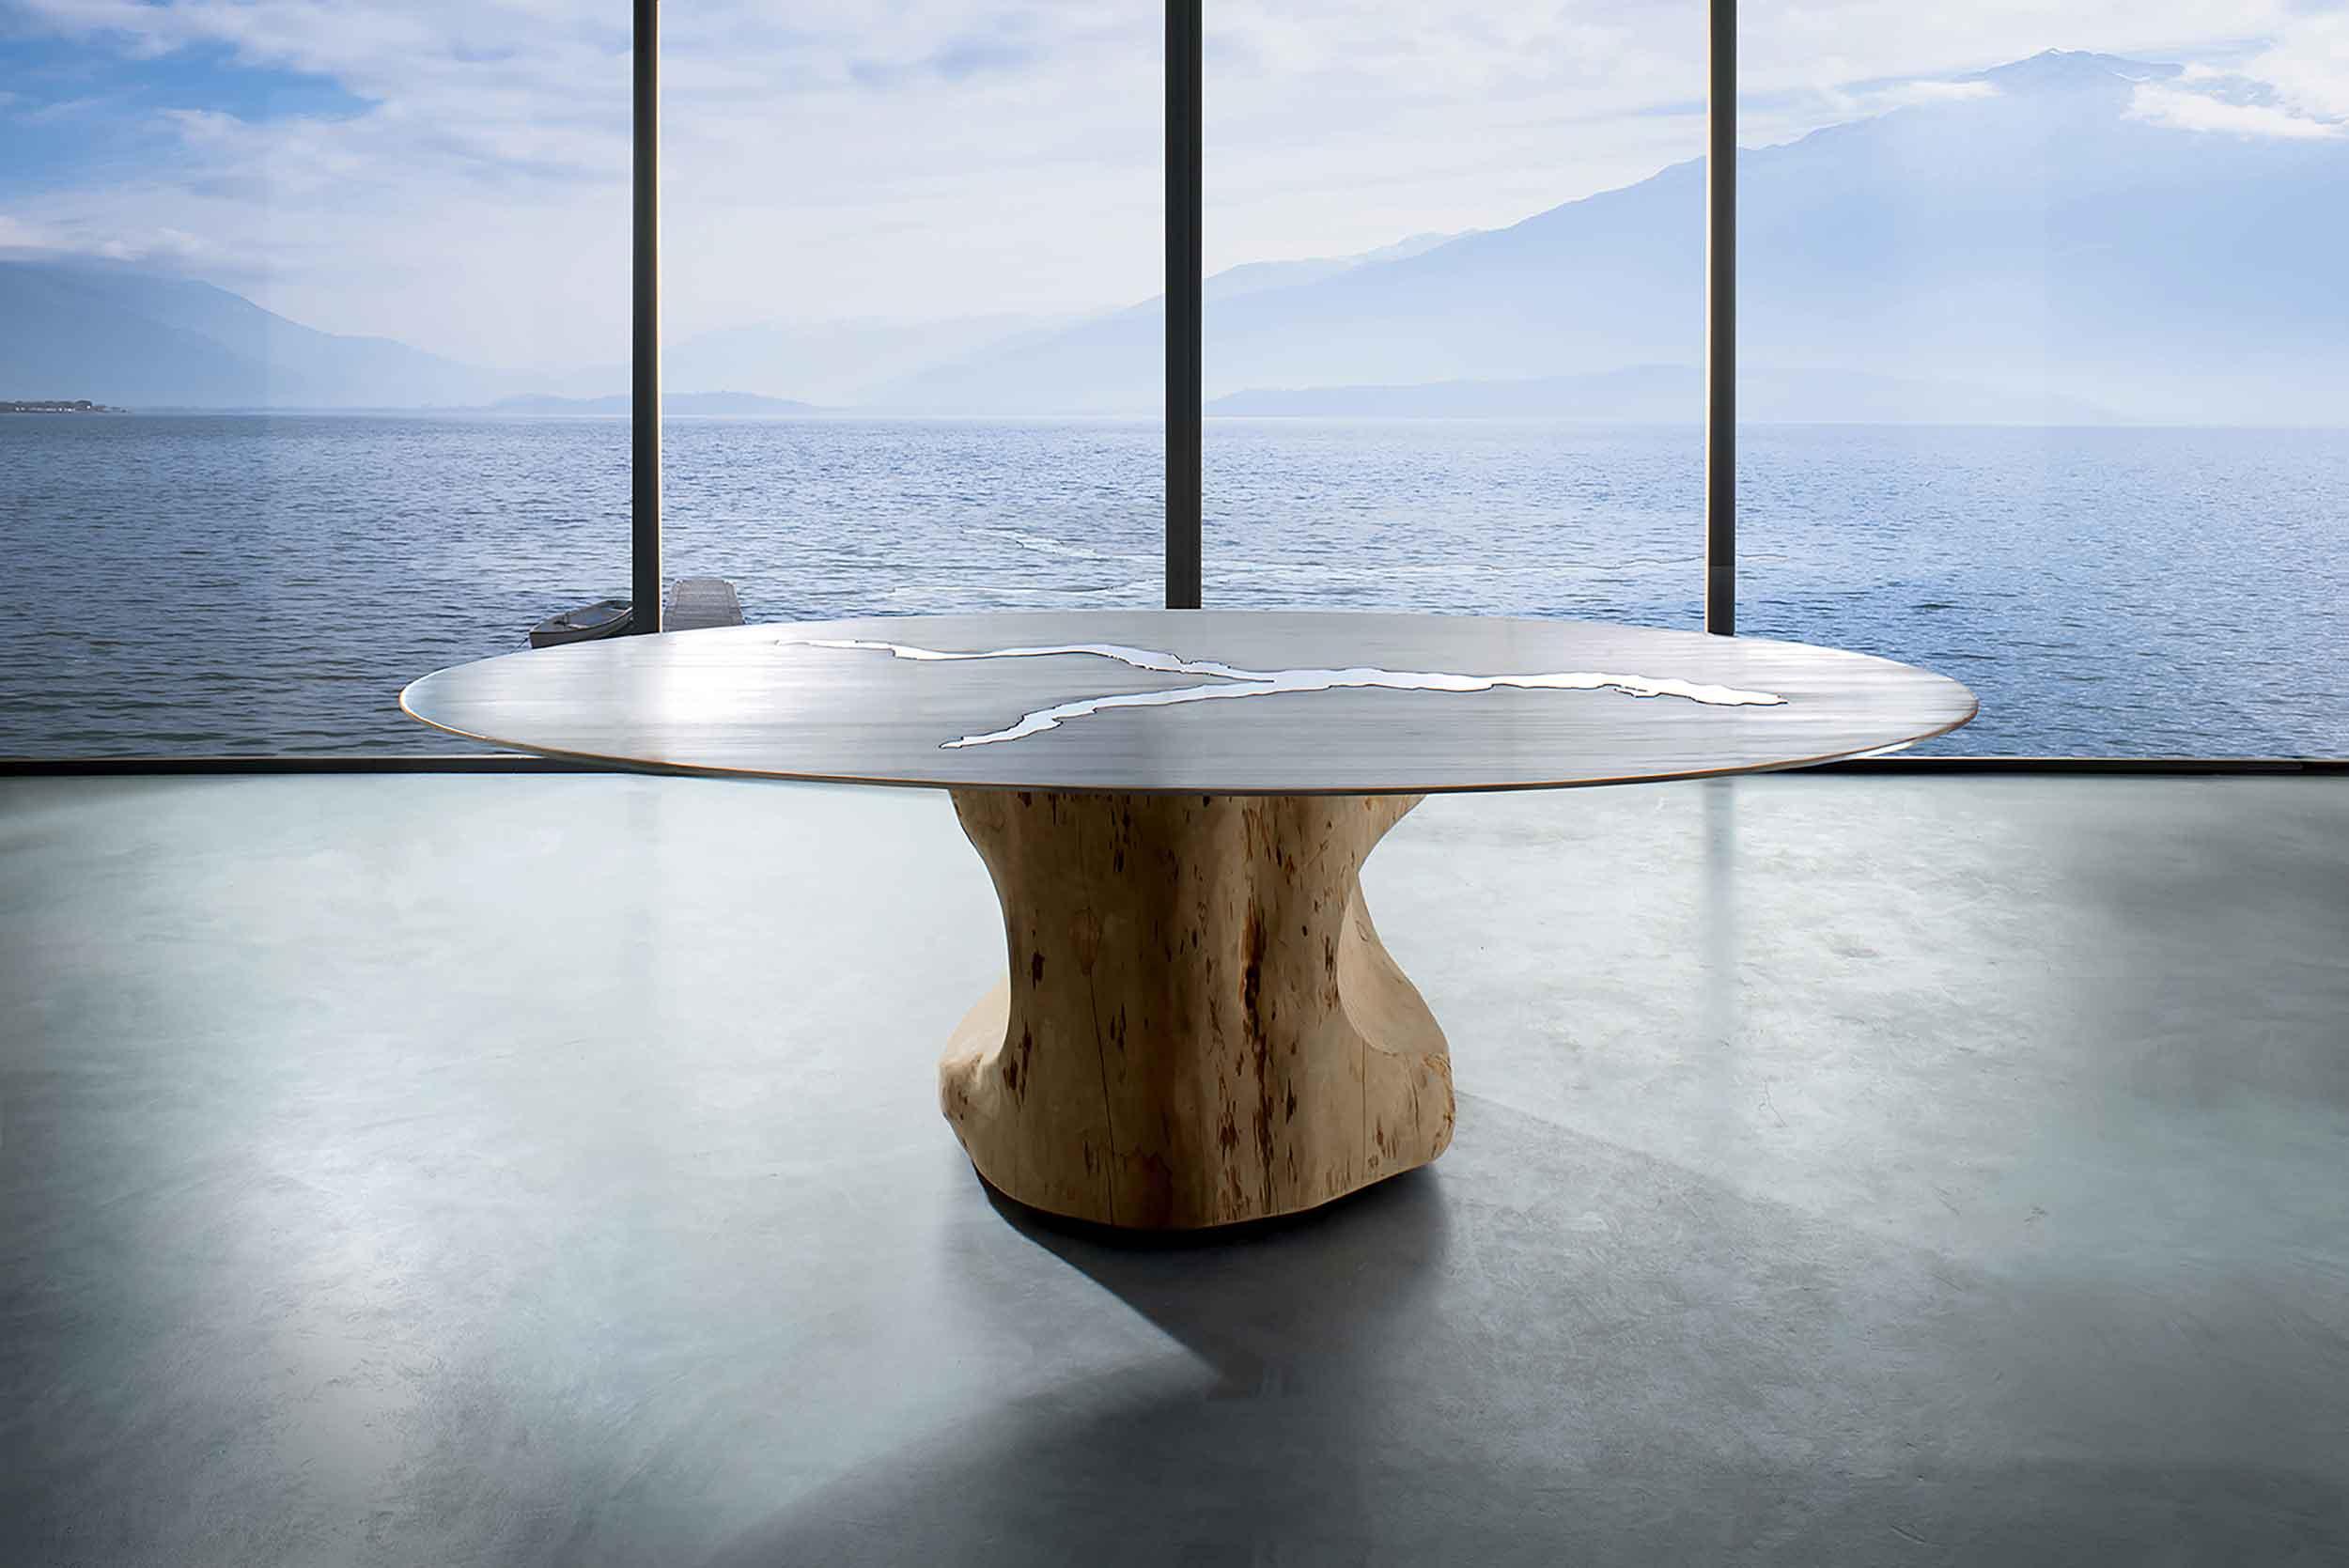 Presentazione tavolo Como Lake, tavolo dedicato al Lago di Como. Fiore all'occhiello degli arredi artigianali su misura di Vener tailor made art.